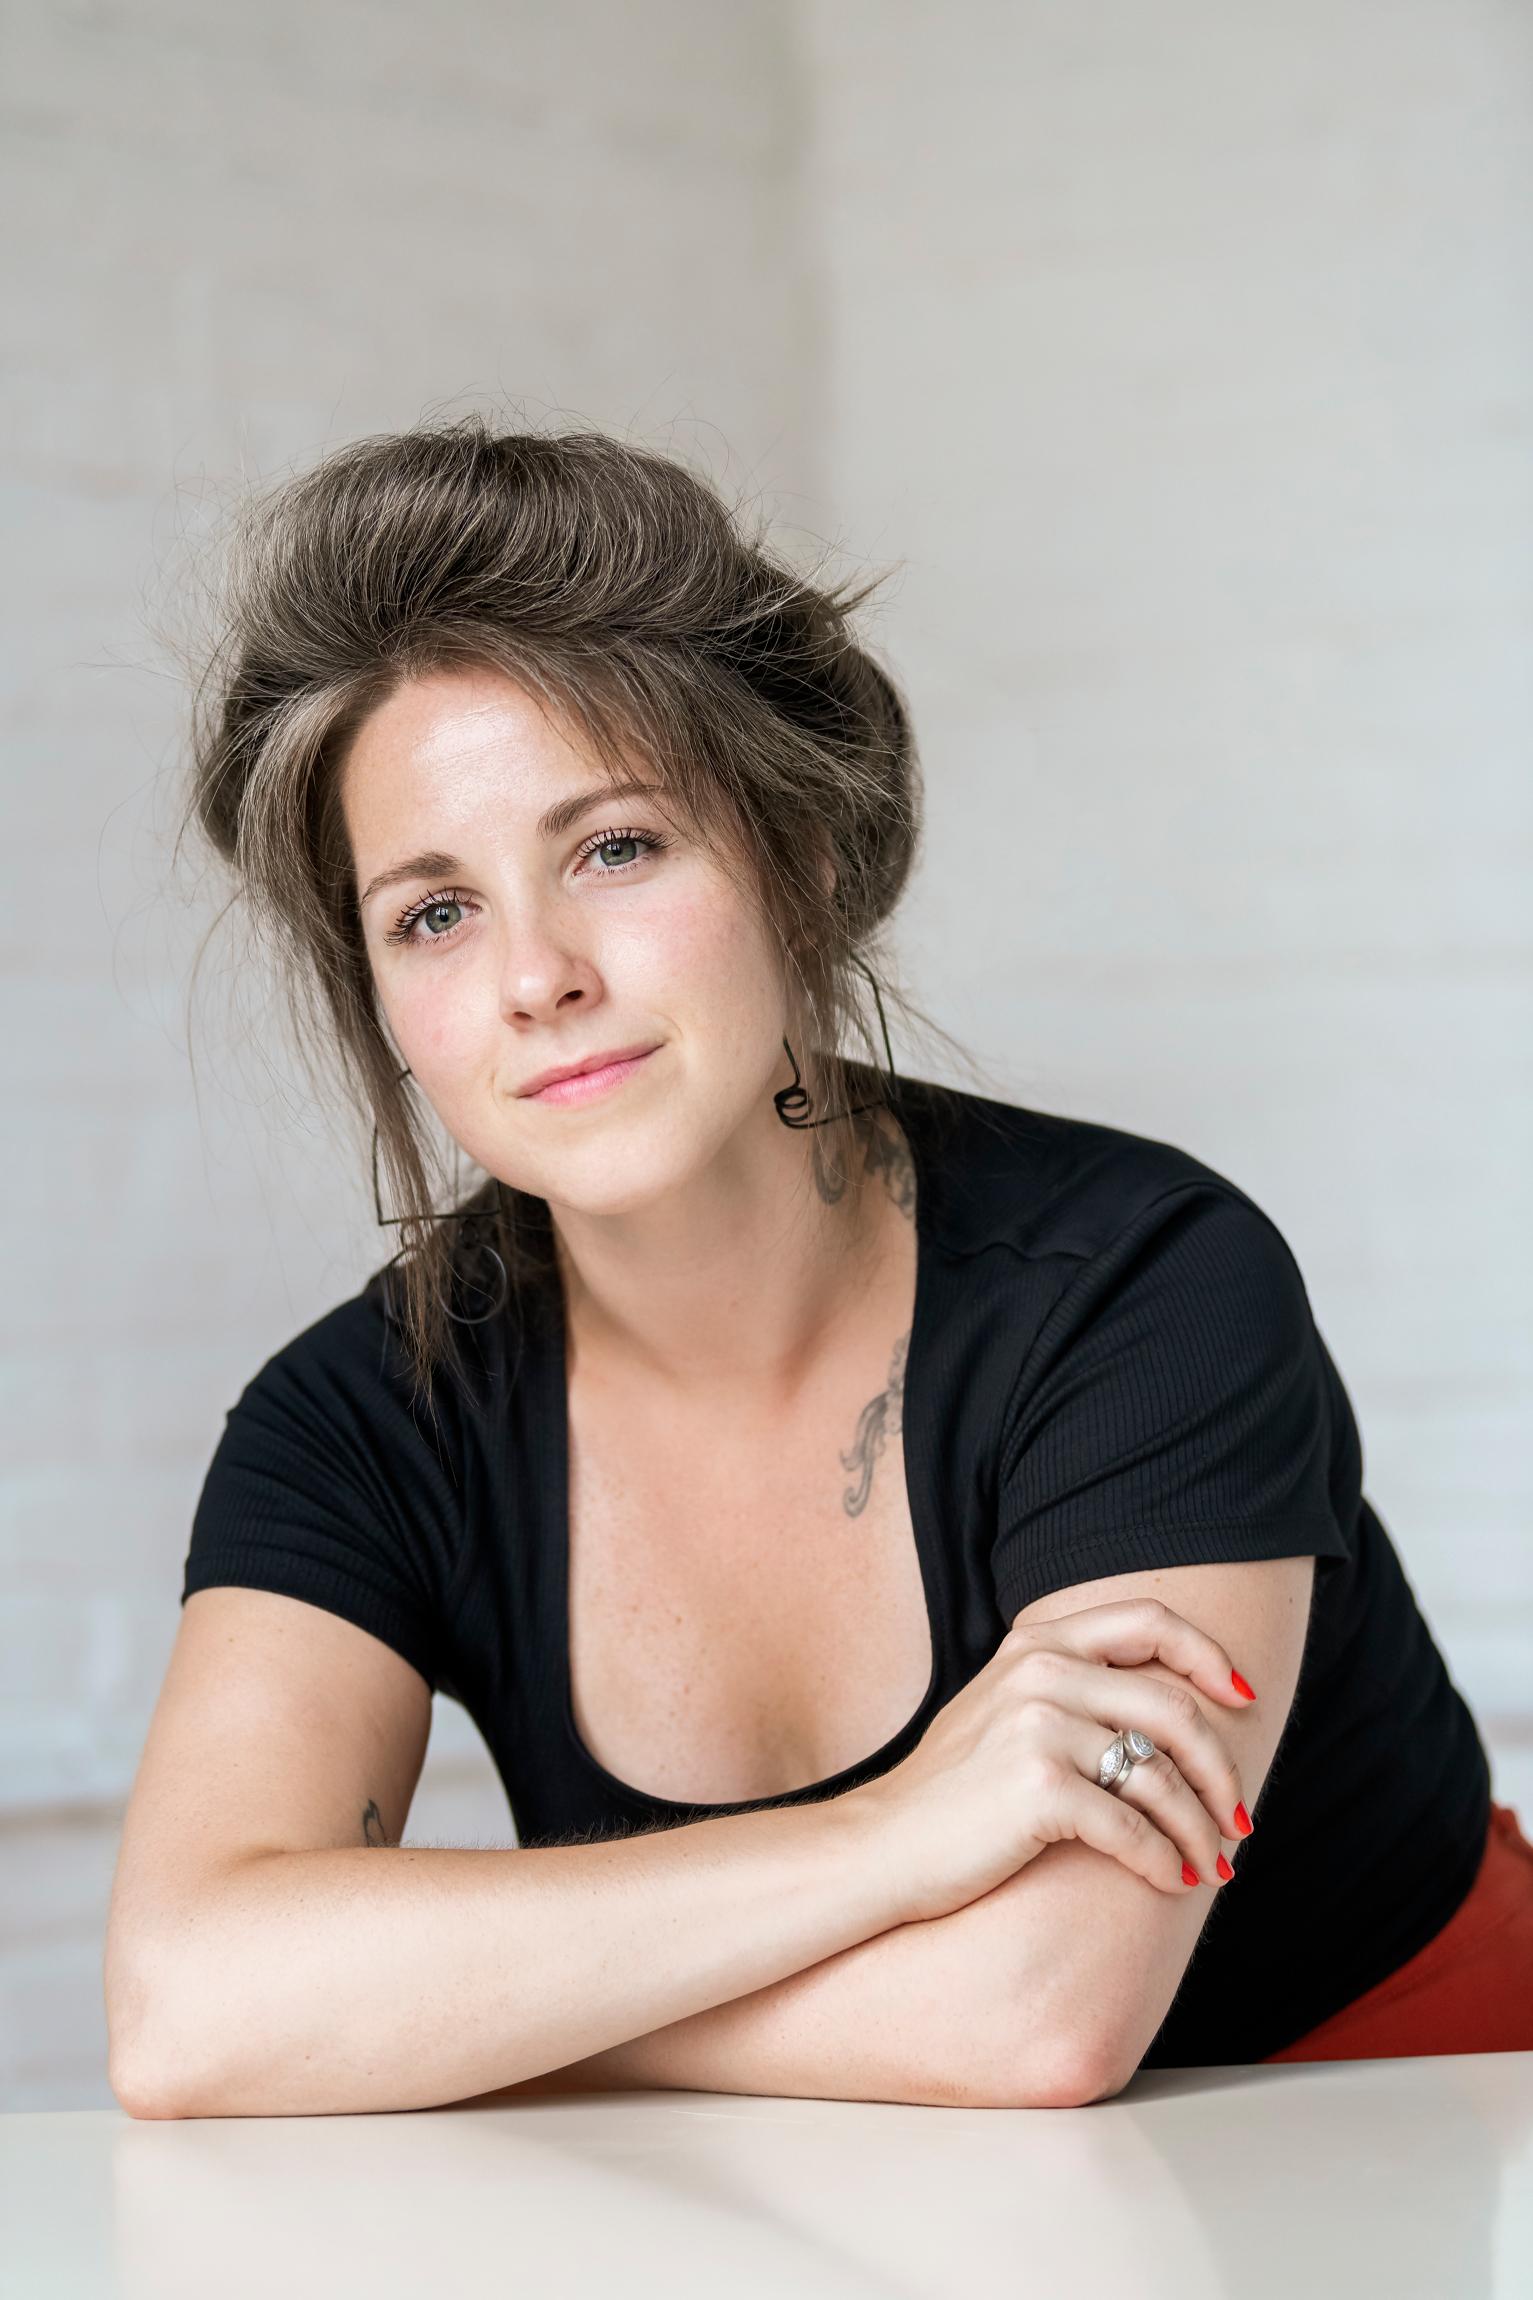 Sarah Rachel Brown